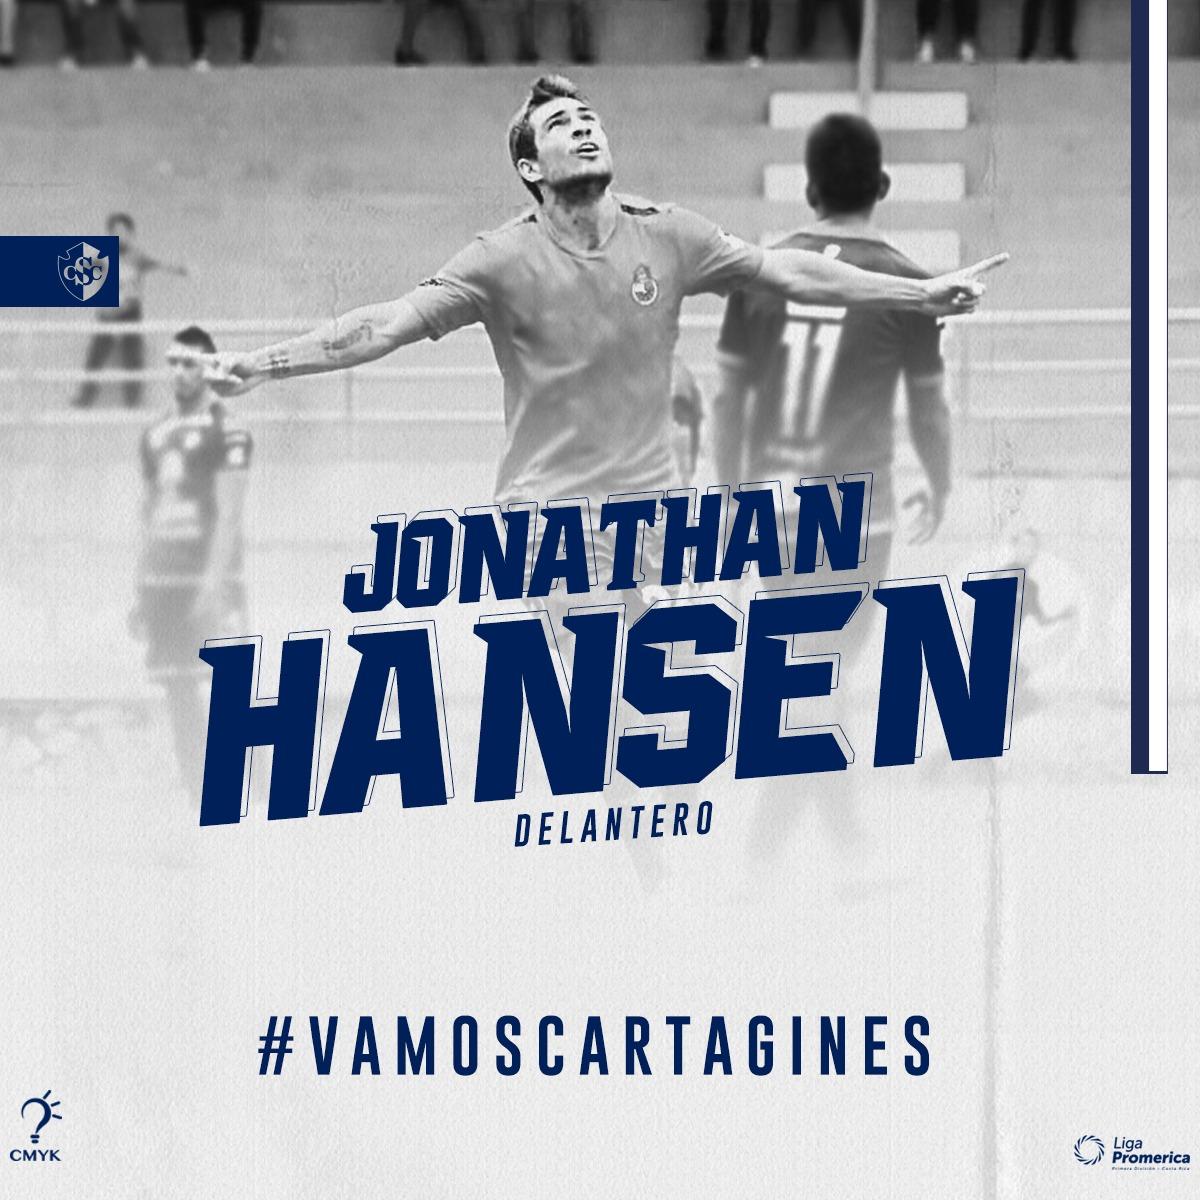 El delantero Jonathan Hansen se incorpora como nuevo refuerzo del Cartaginés.